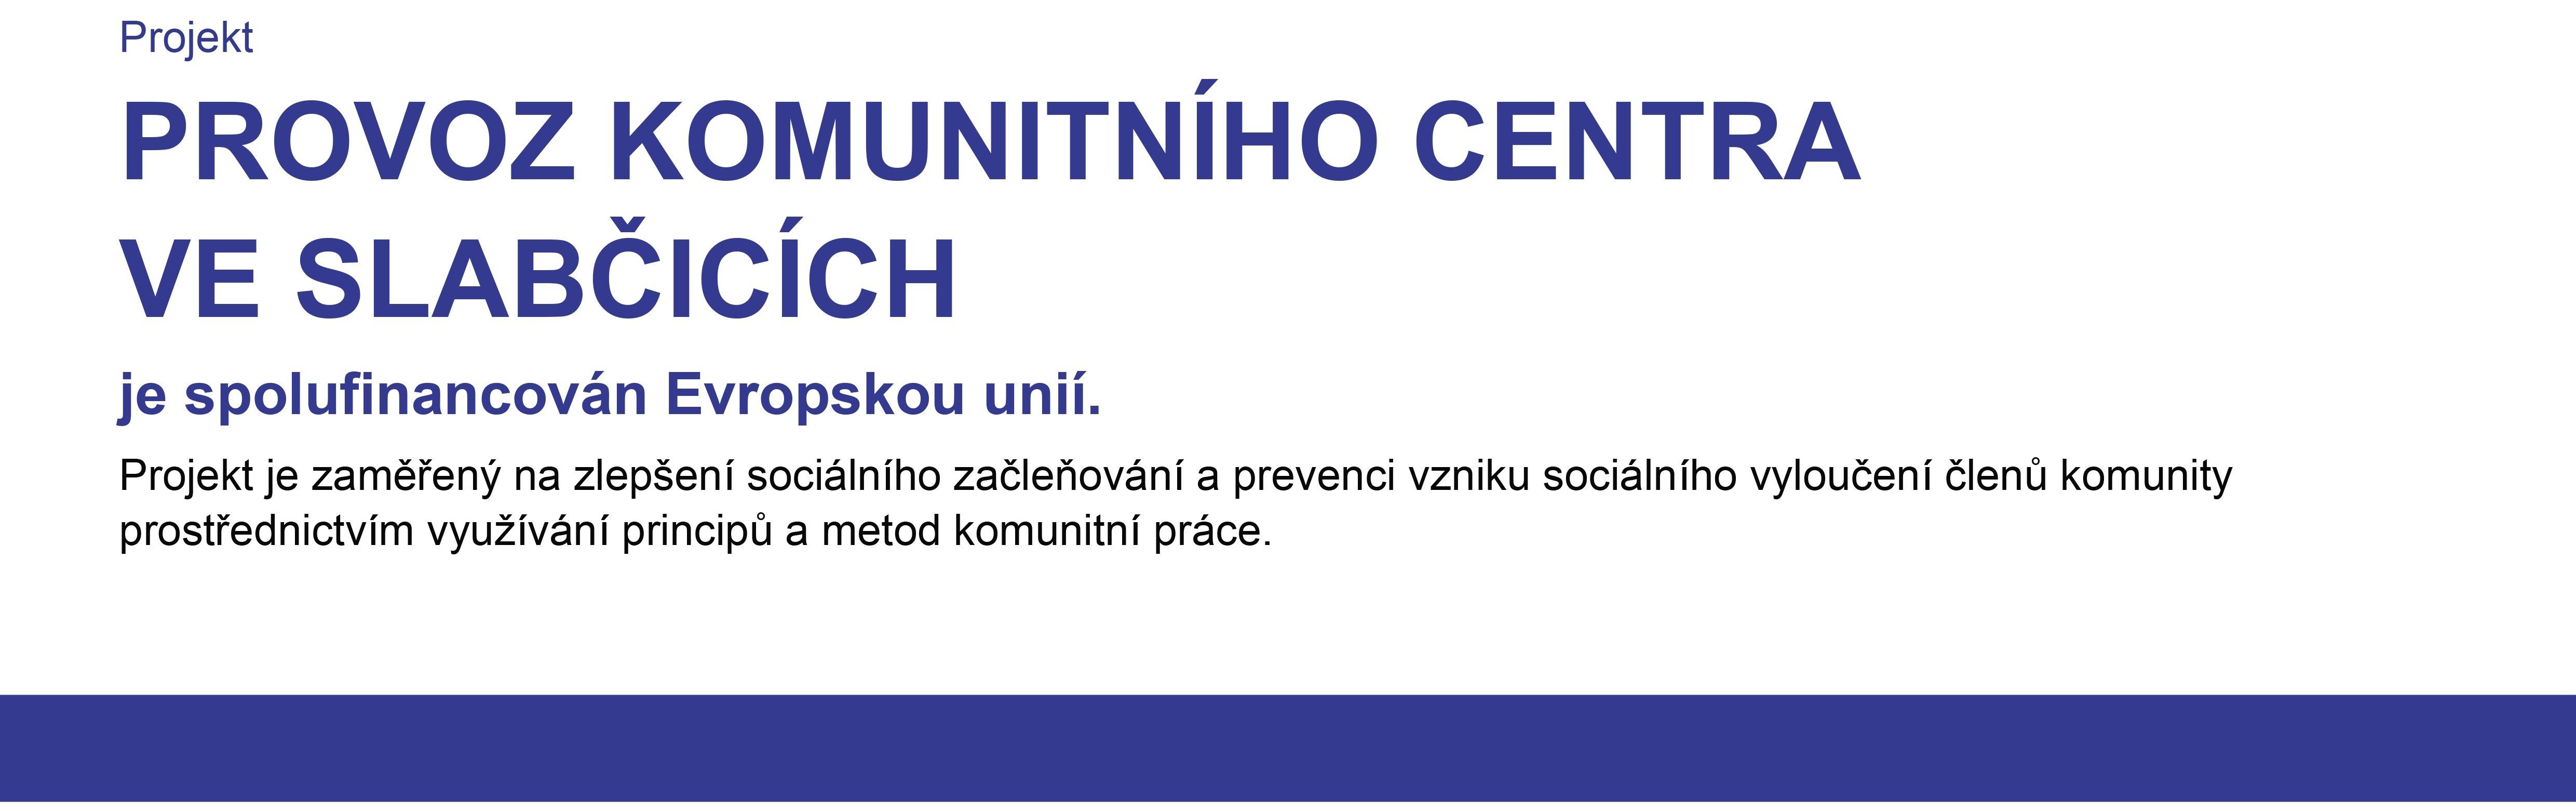 Projekty publicita 2021 : Název projektu: Provoz komunitního centra Slabčice - provoz